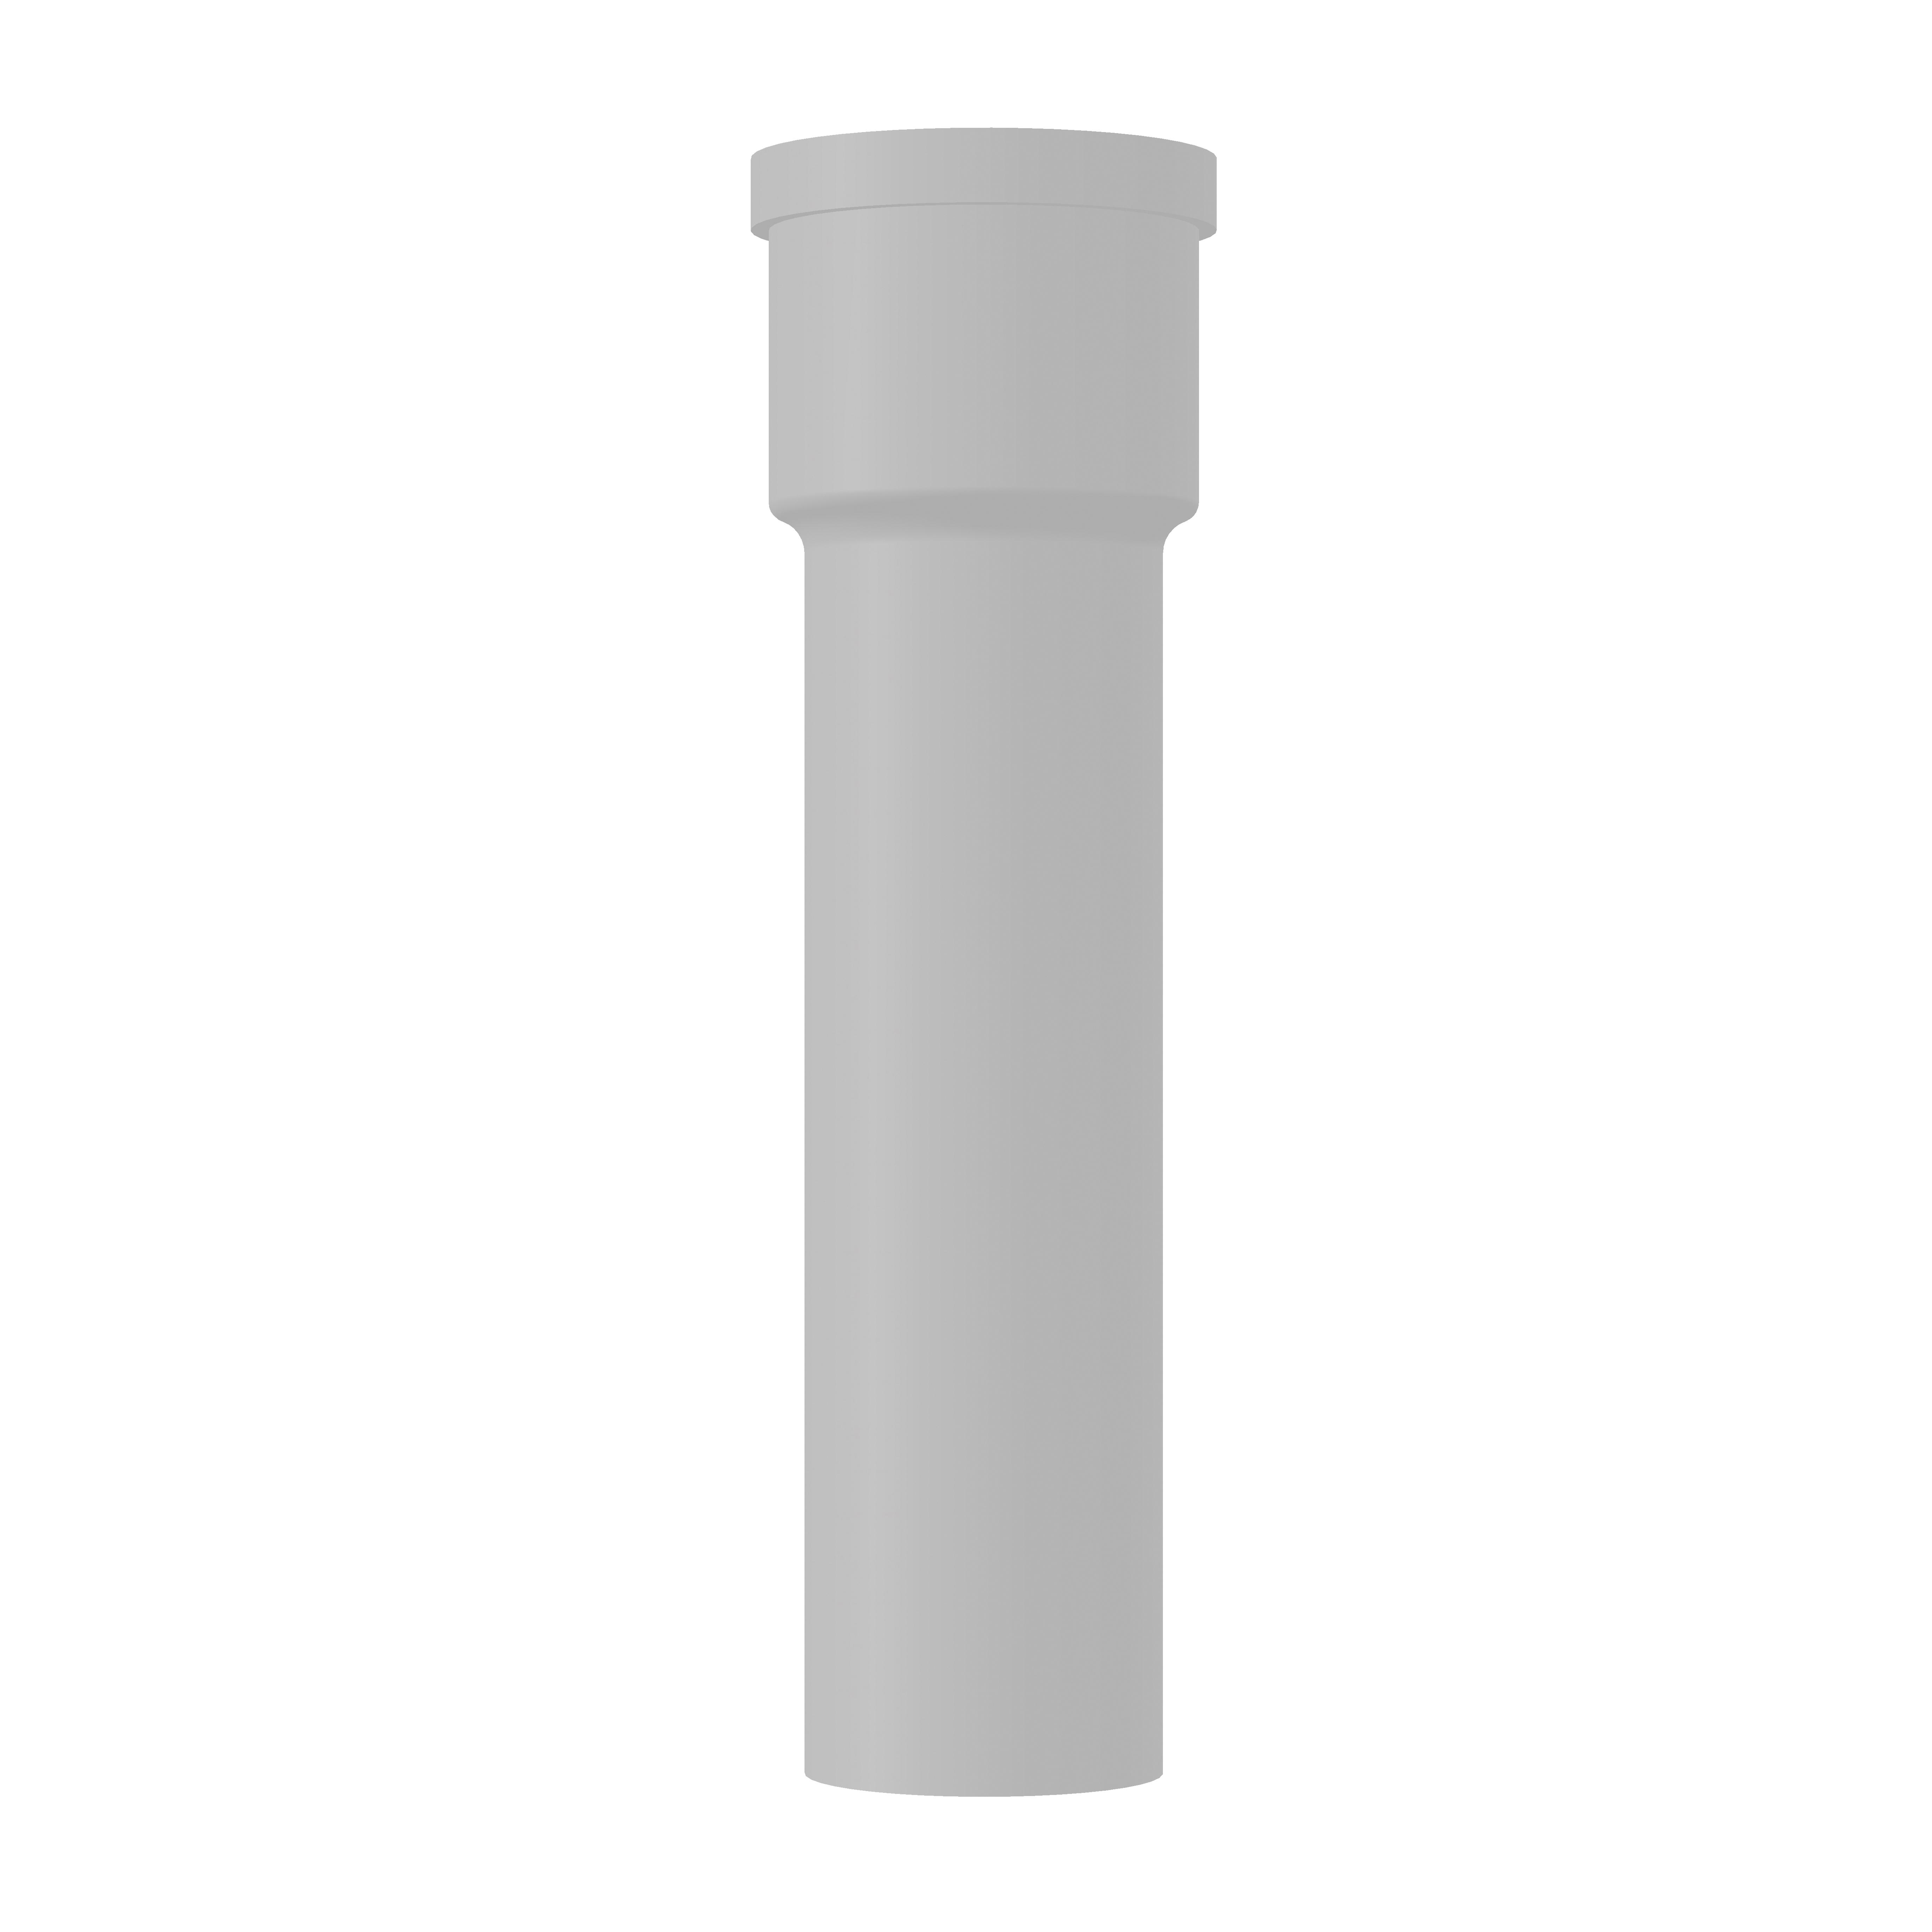 Saniflo® 030 Extension Pipe, 4 x 5 in OD x 18 in L, PVC, White, Import